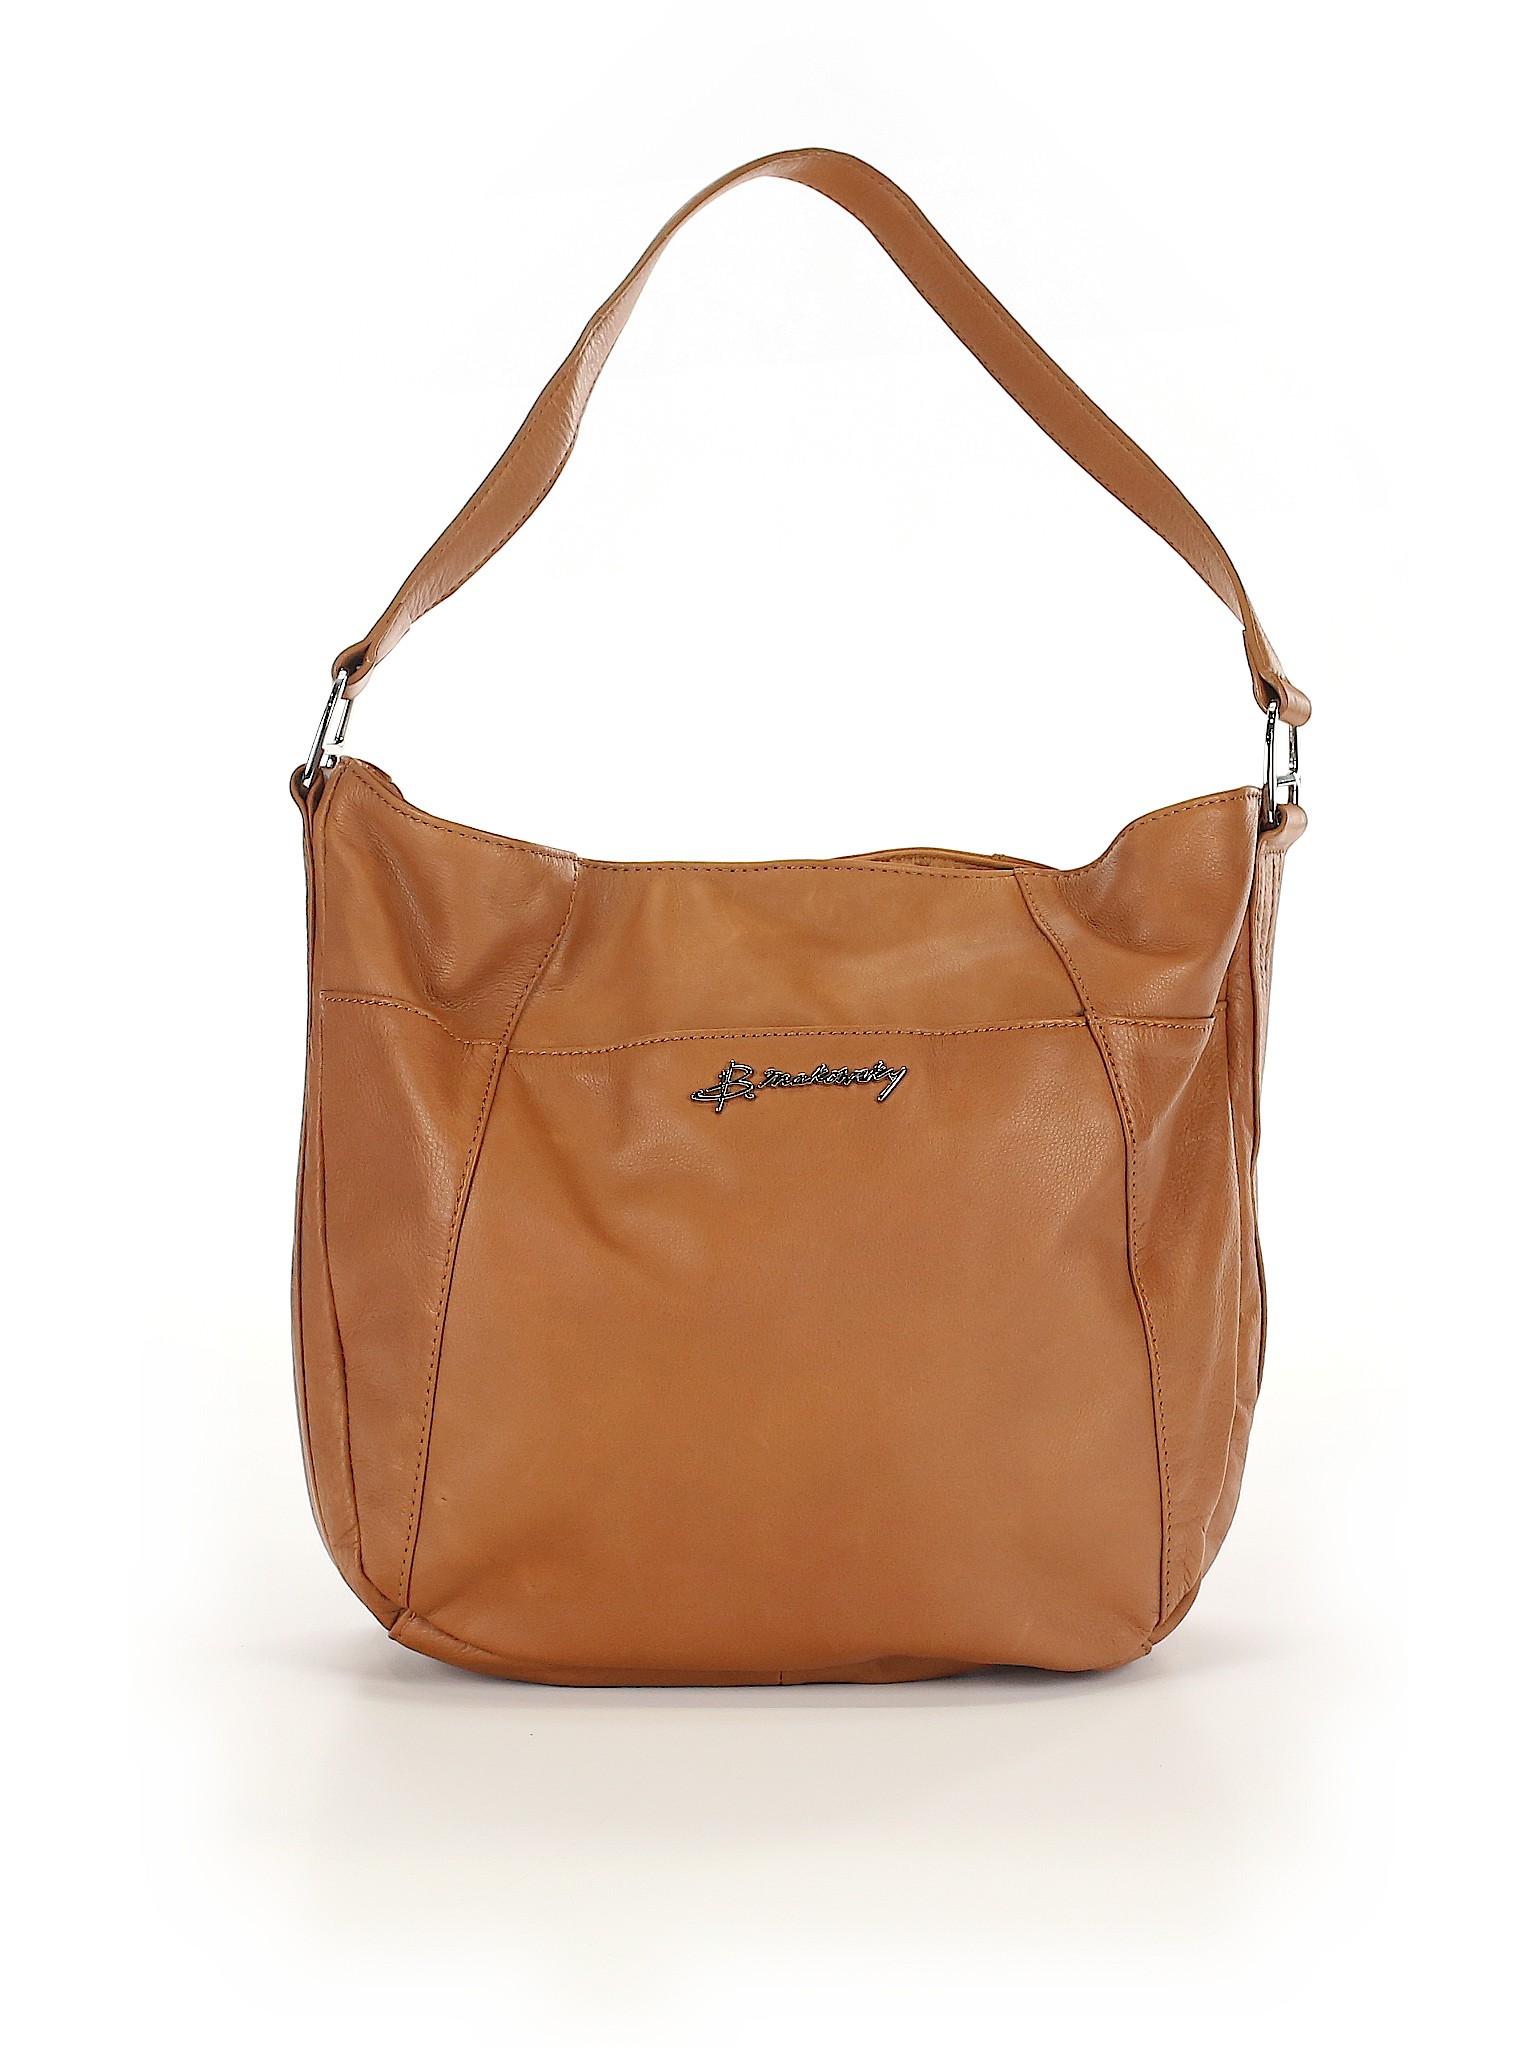 bdeae9b4f713 B Makowsky Solid Brown Shoulder Bag One Size - 64% off